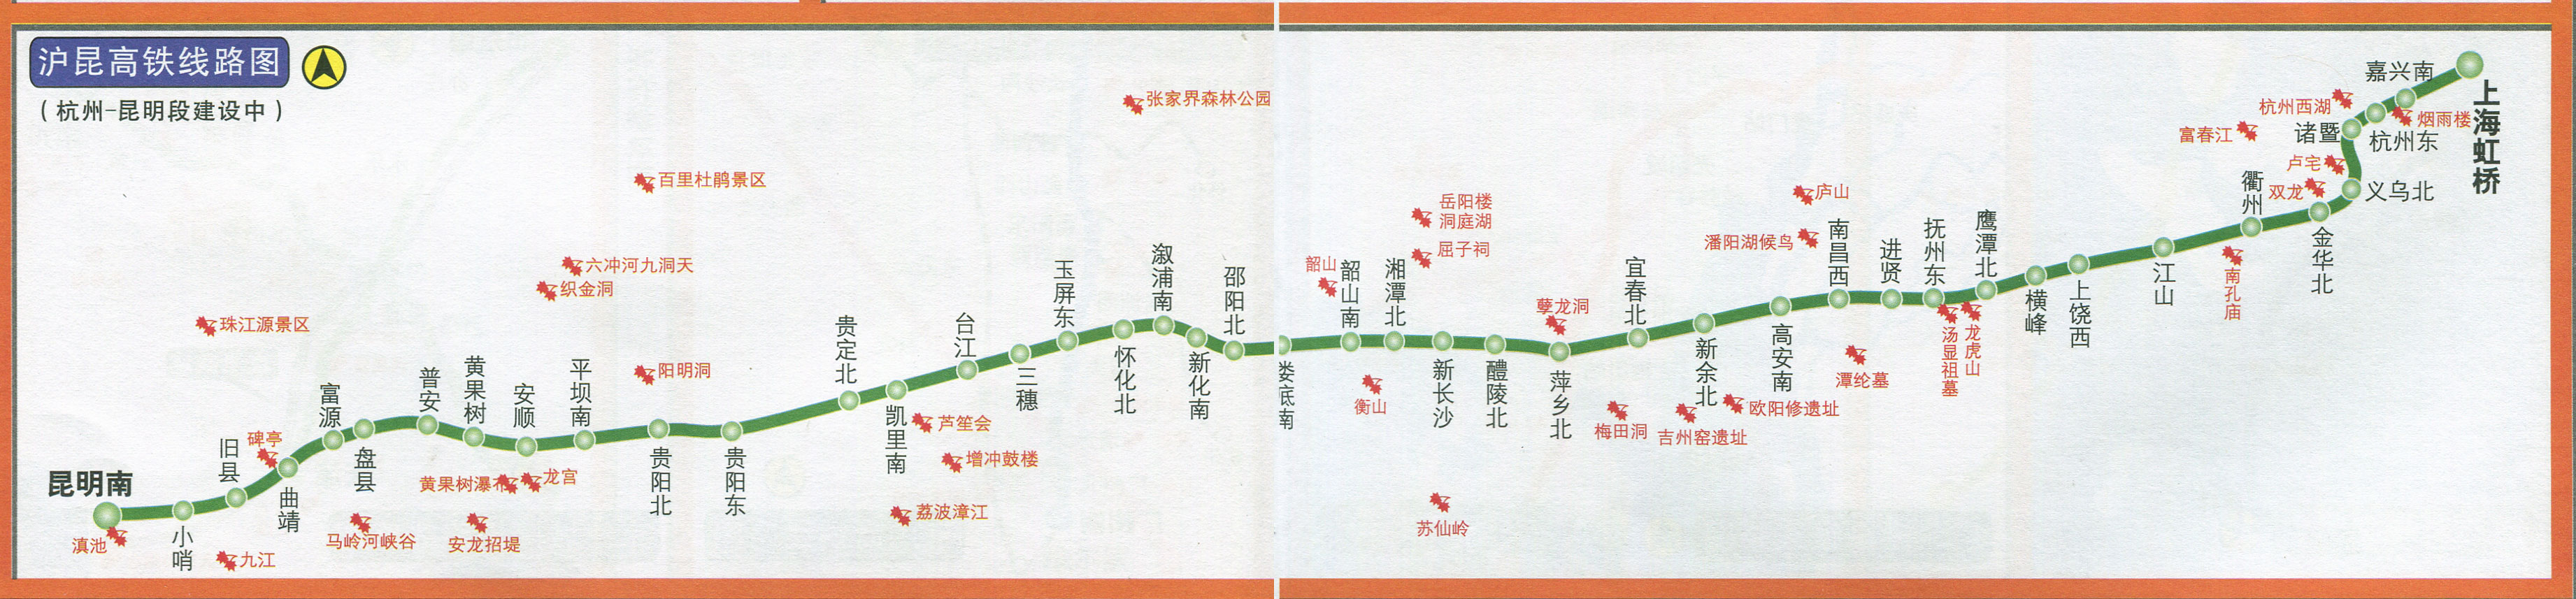 沪昆高铁线路图(点击小图看大图)